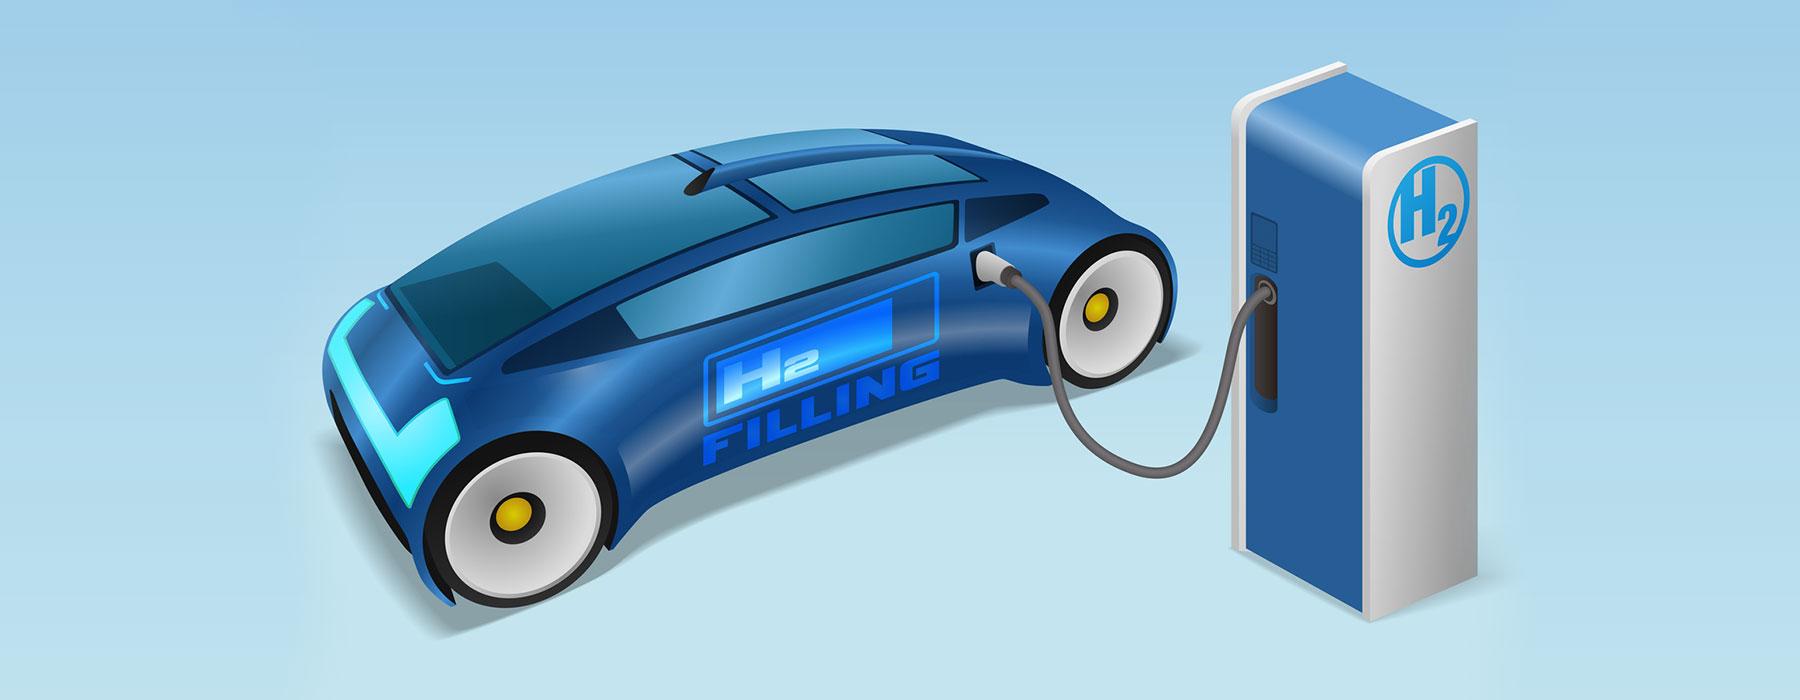 Автомобиль на водороде. Пора ли прощаться с бензином? - 1